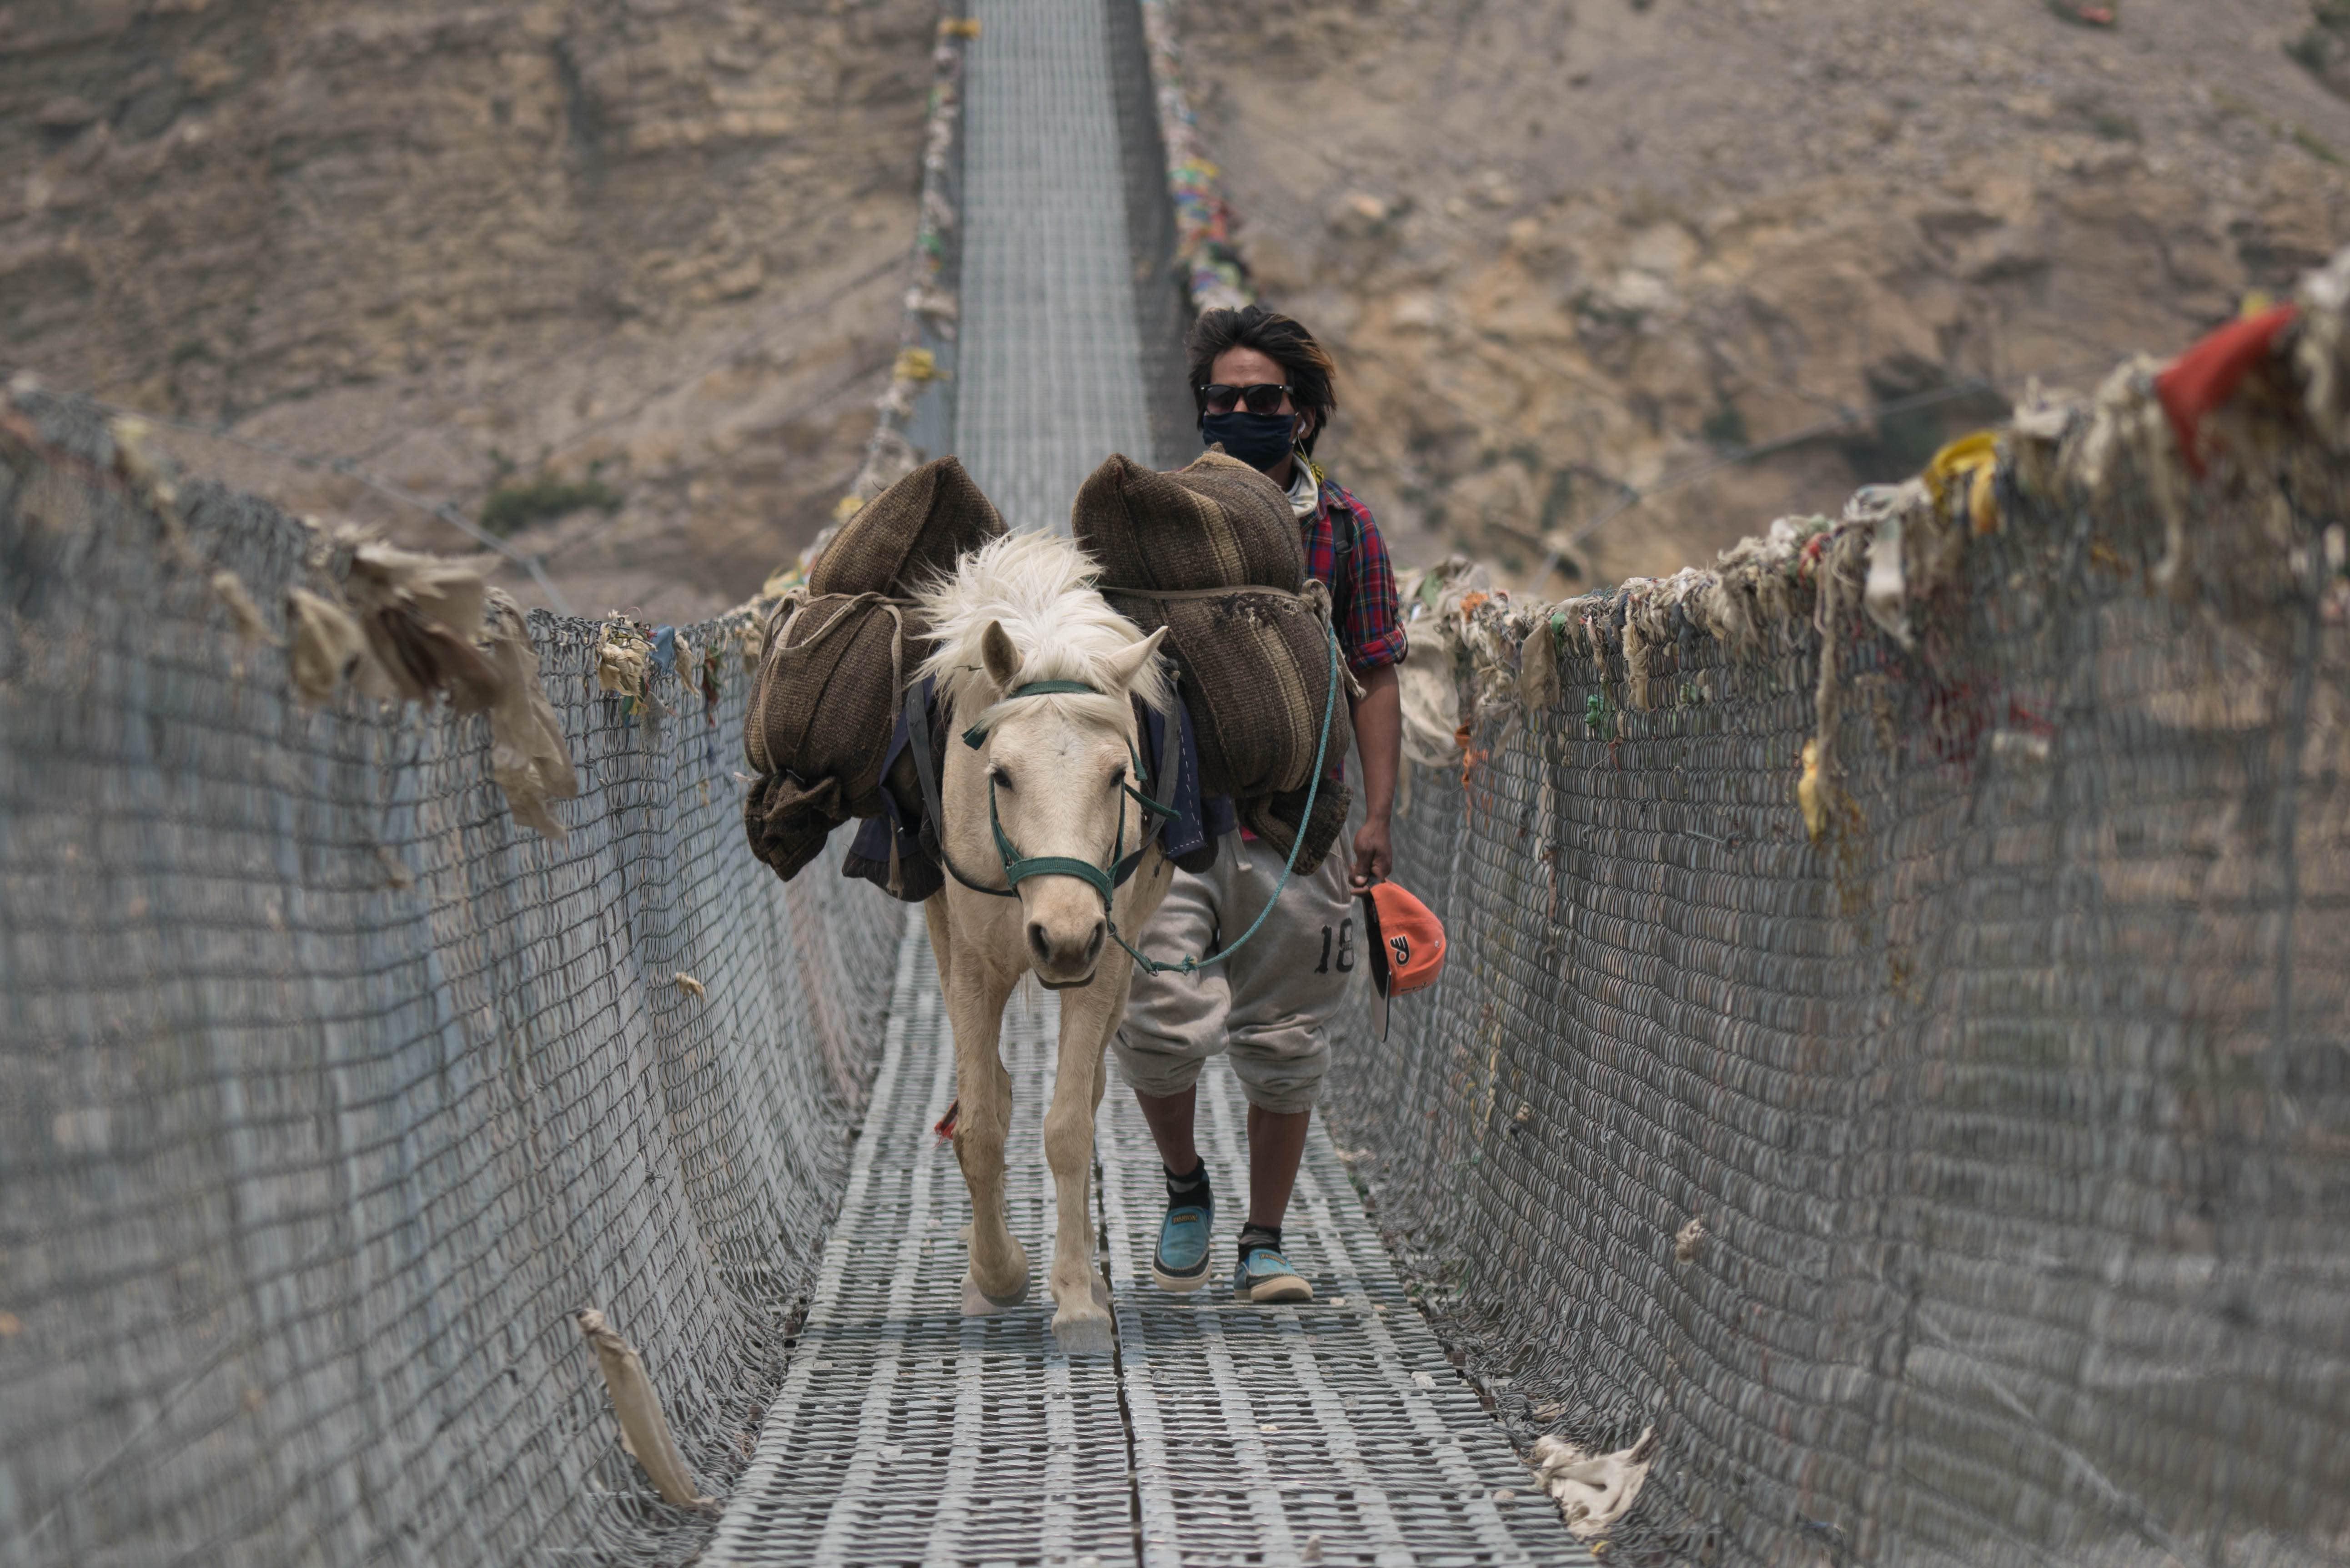 mustang-nepal-himalaya-expedition-01454